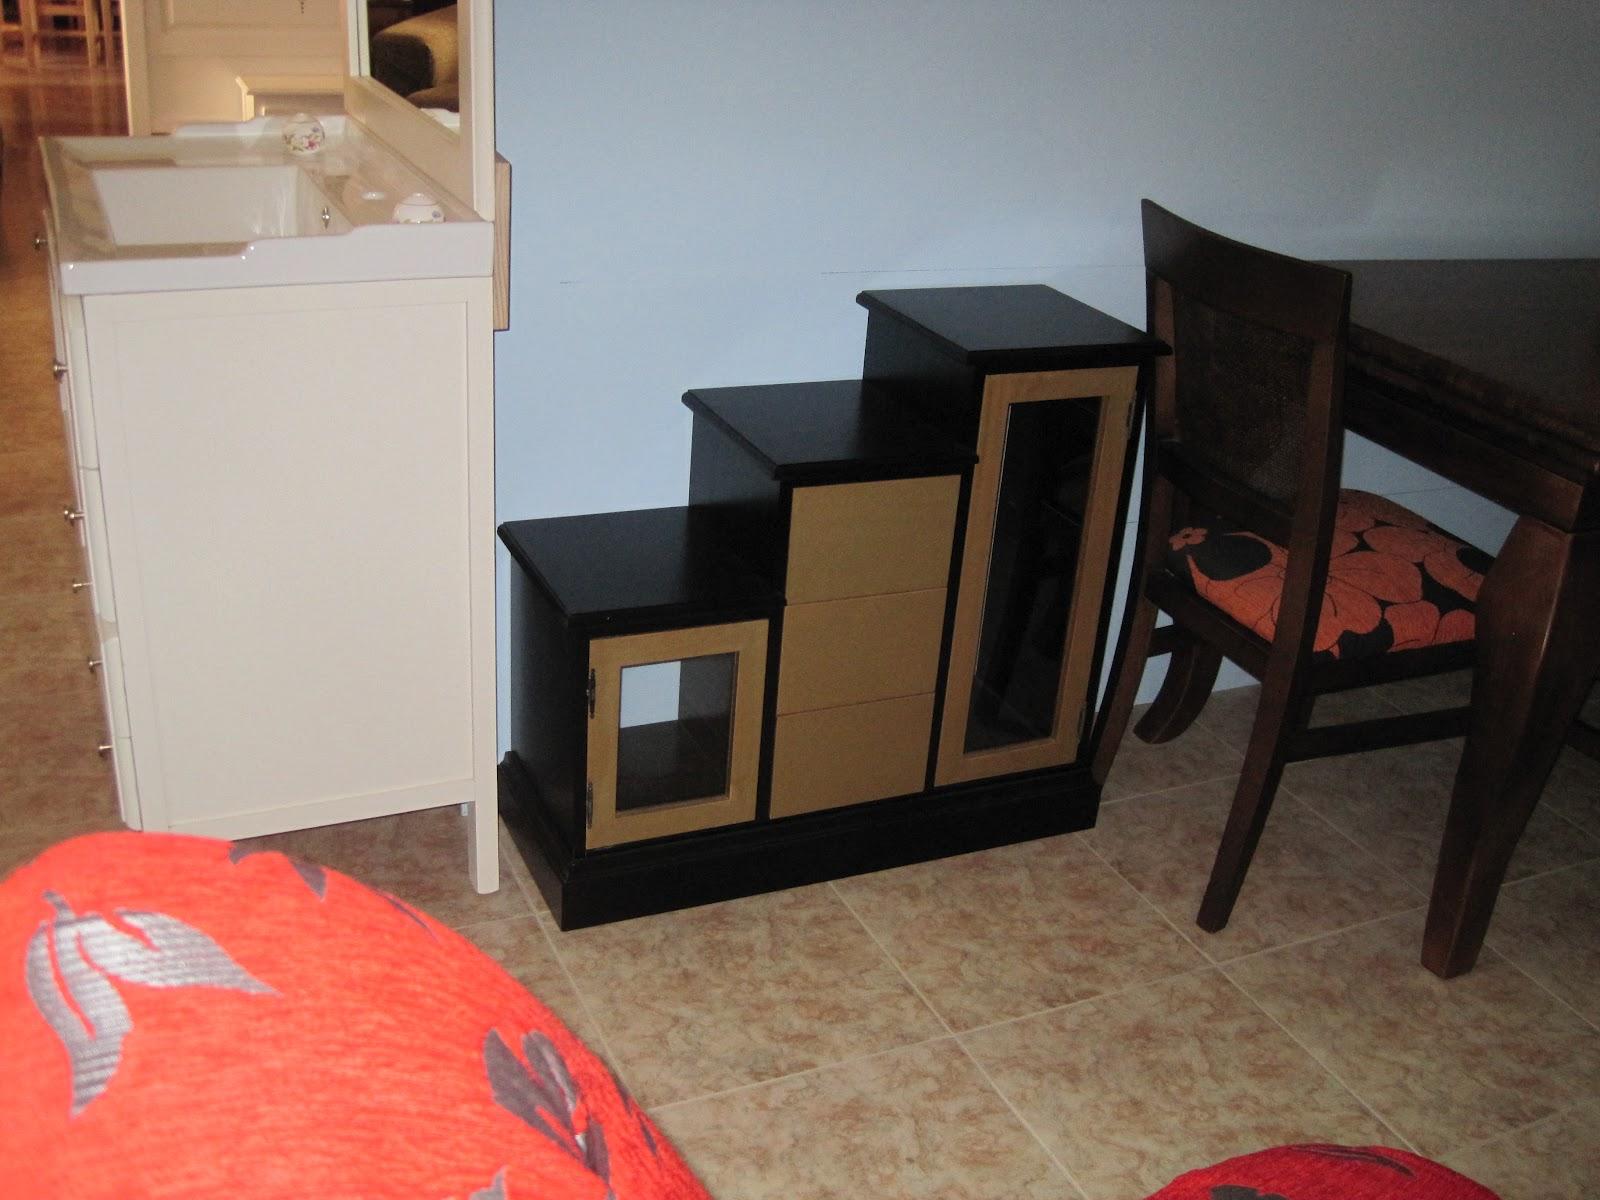 Muebles arcecoll liquidacion de mueble auxiliar for Liquidacion de muebles